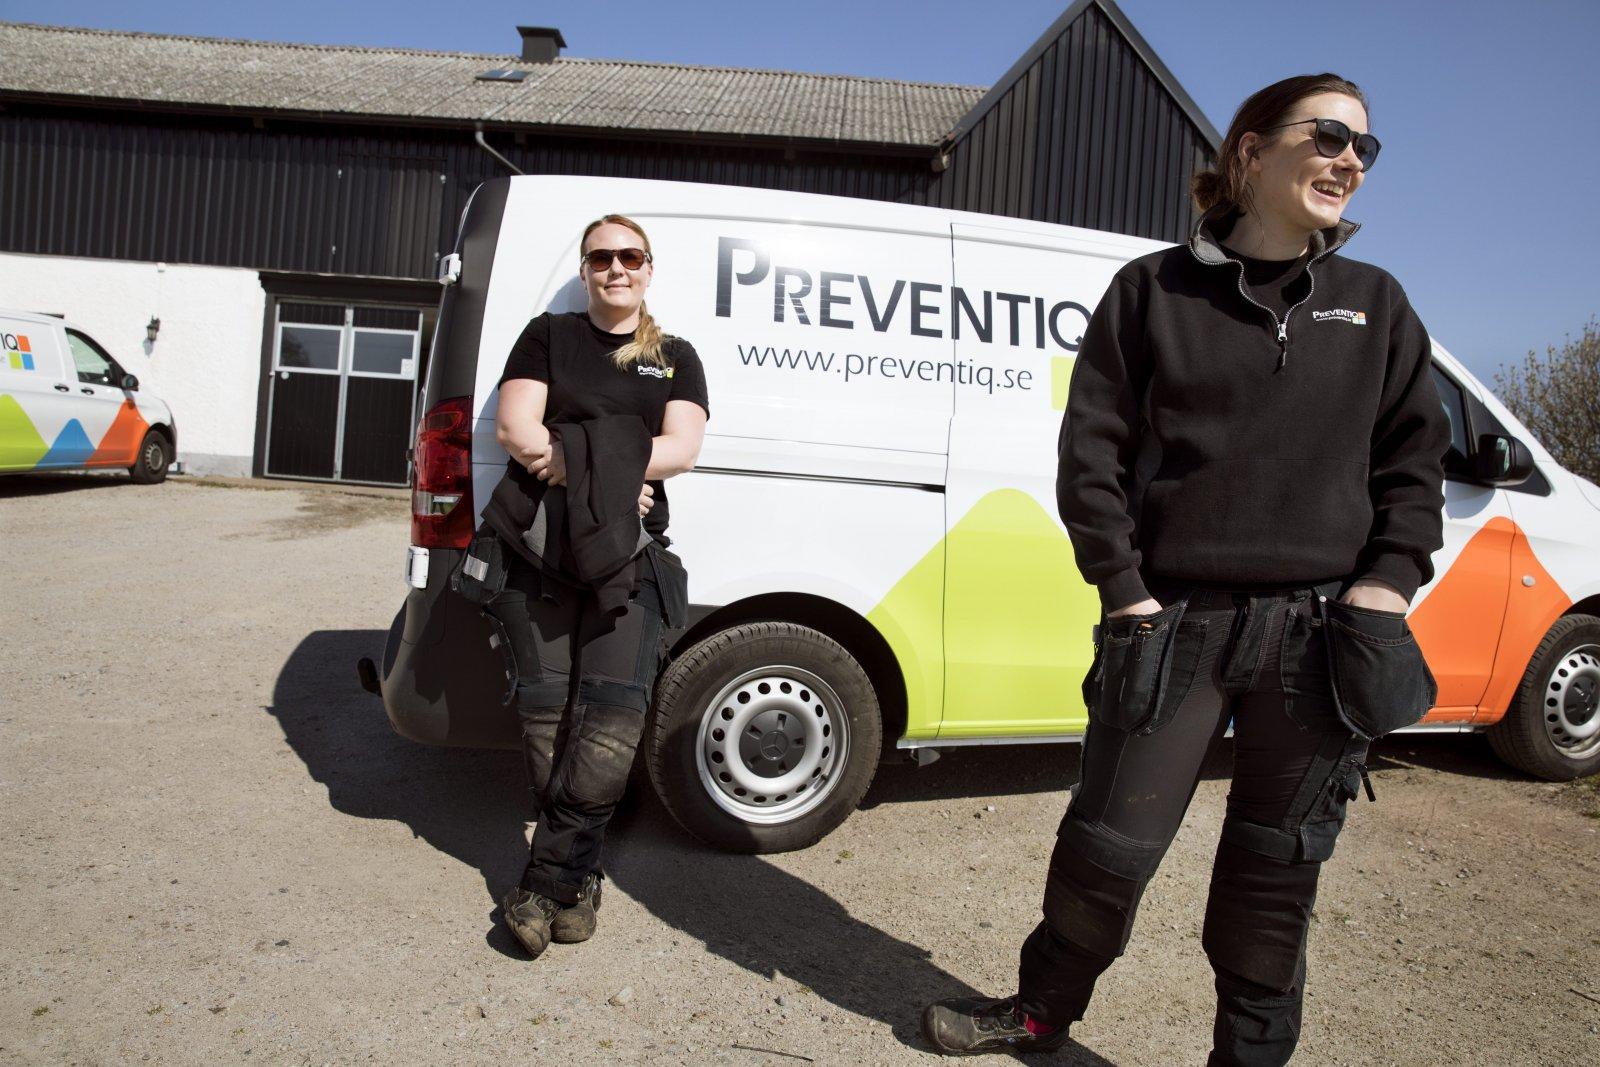 Preventiq AB. Sarah Möller och Mimmi Jarl utanför Preventiqs lokaler i skånska Hötofta. Företaget huserar på en gammal skånegård. Foto: Emil Malmborg